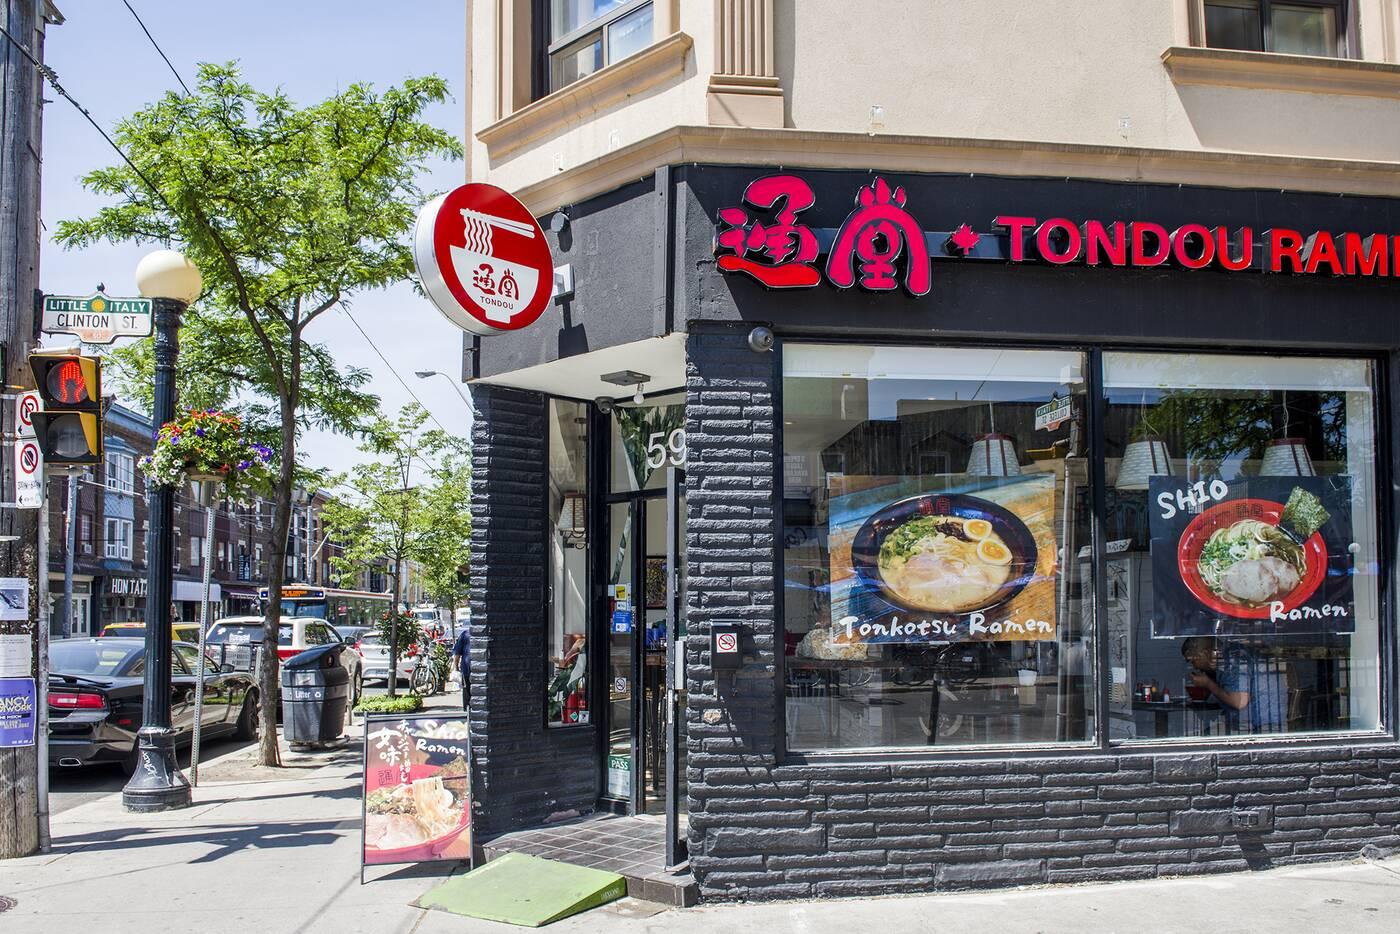 Tondou Toronto